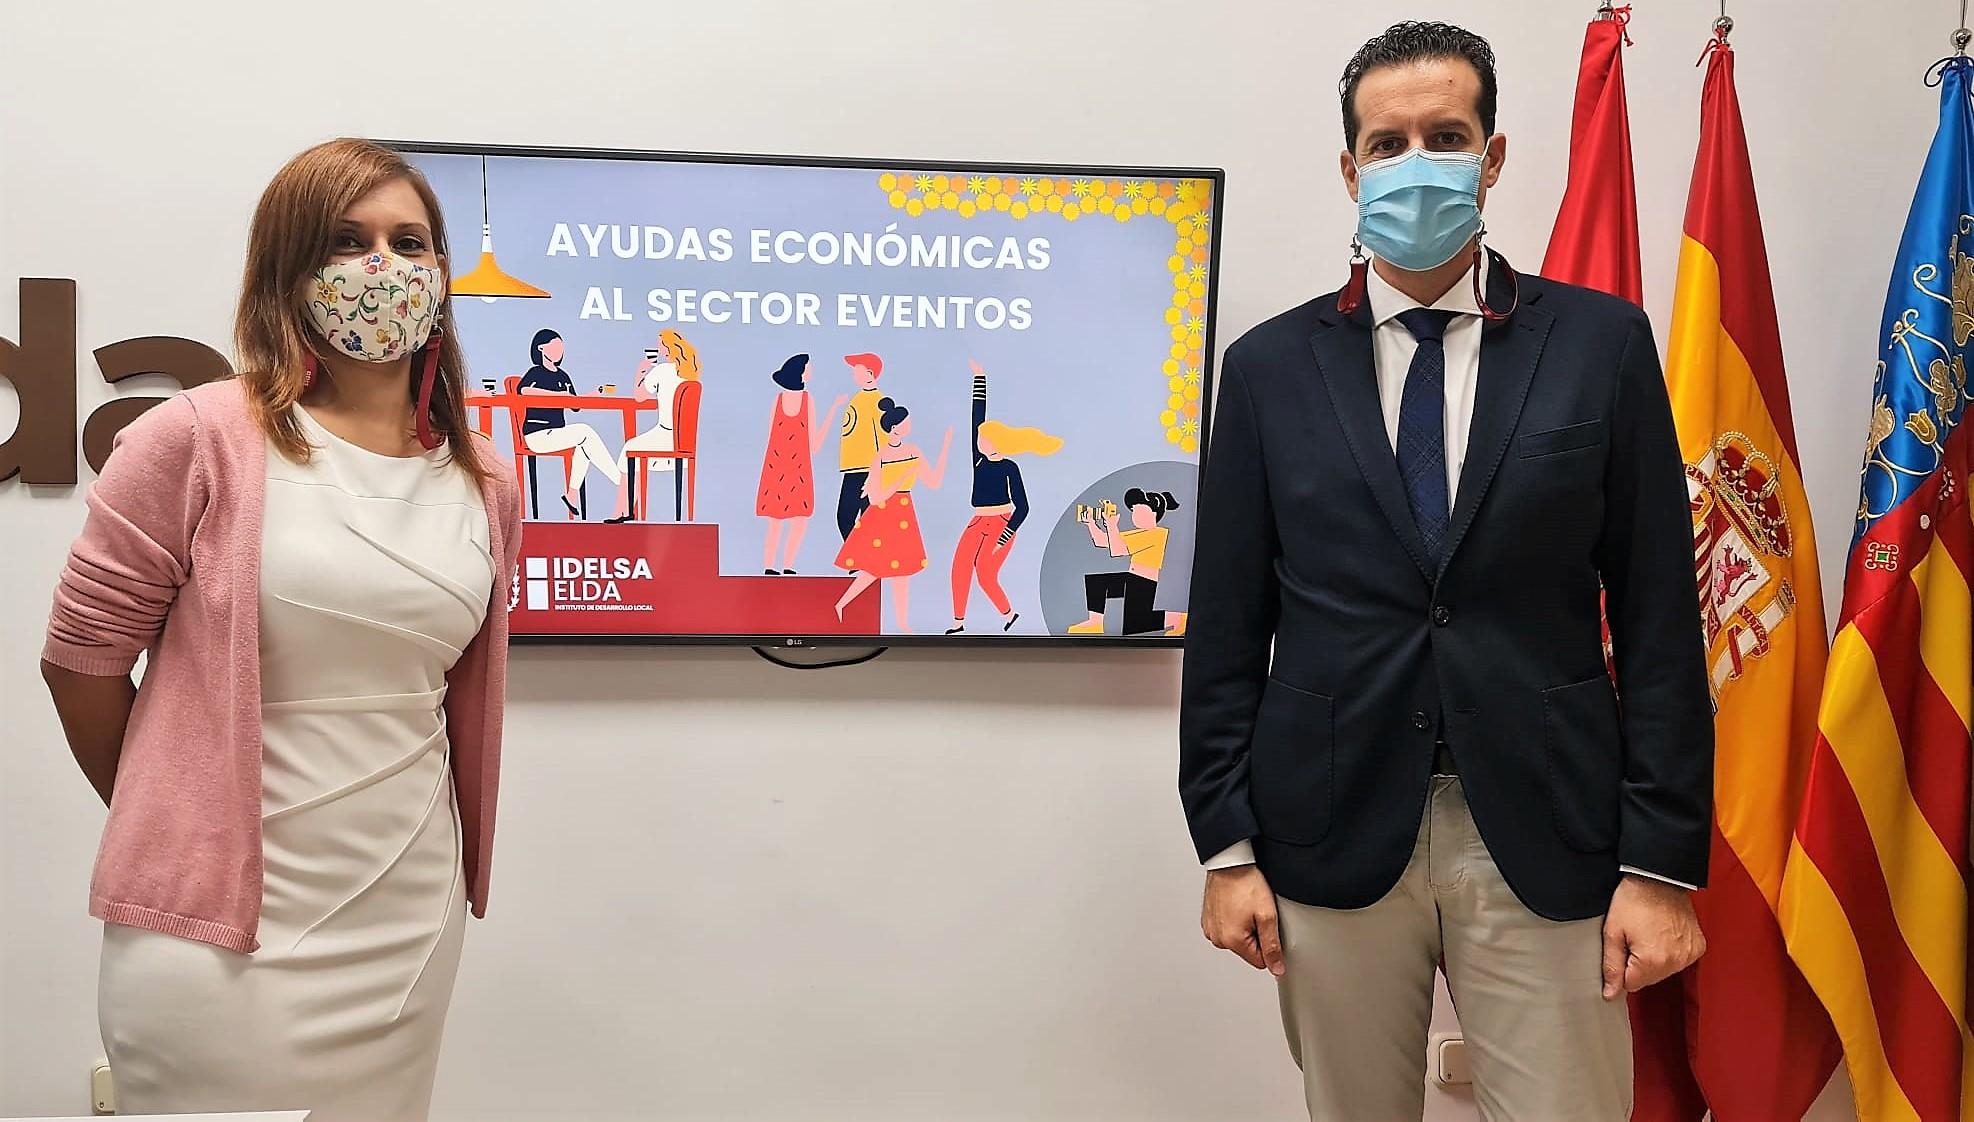 El Ayuntamiento de Elda pone en marcha un nuevo paquete de ayudas económicas para las pymes y autónomos del sector eventos que se han visto afectados por la crisis sanitaria